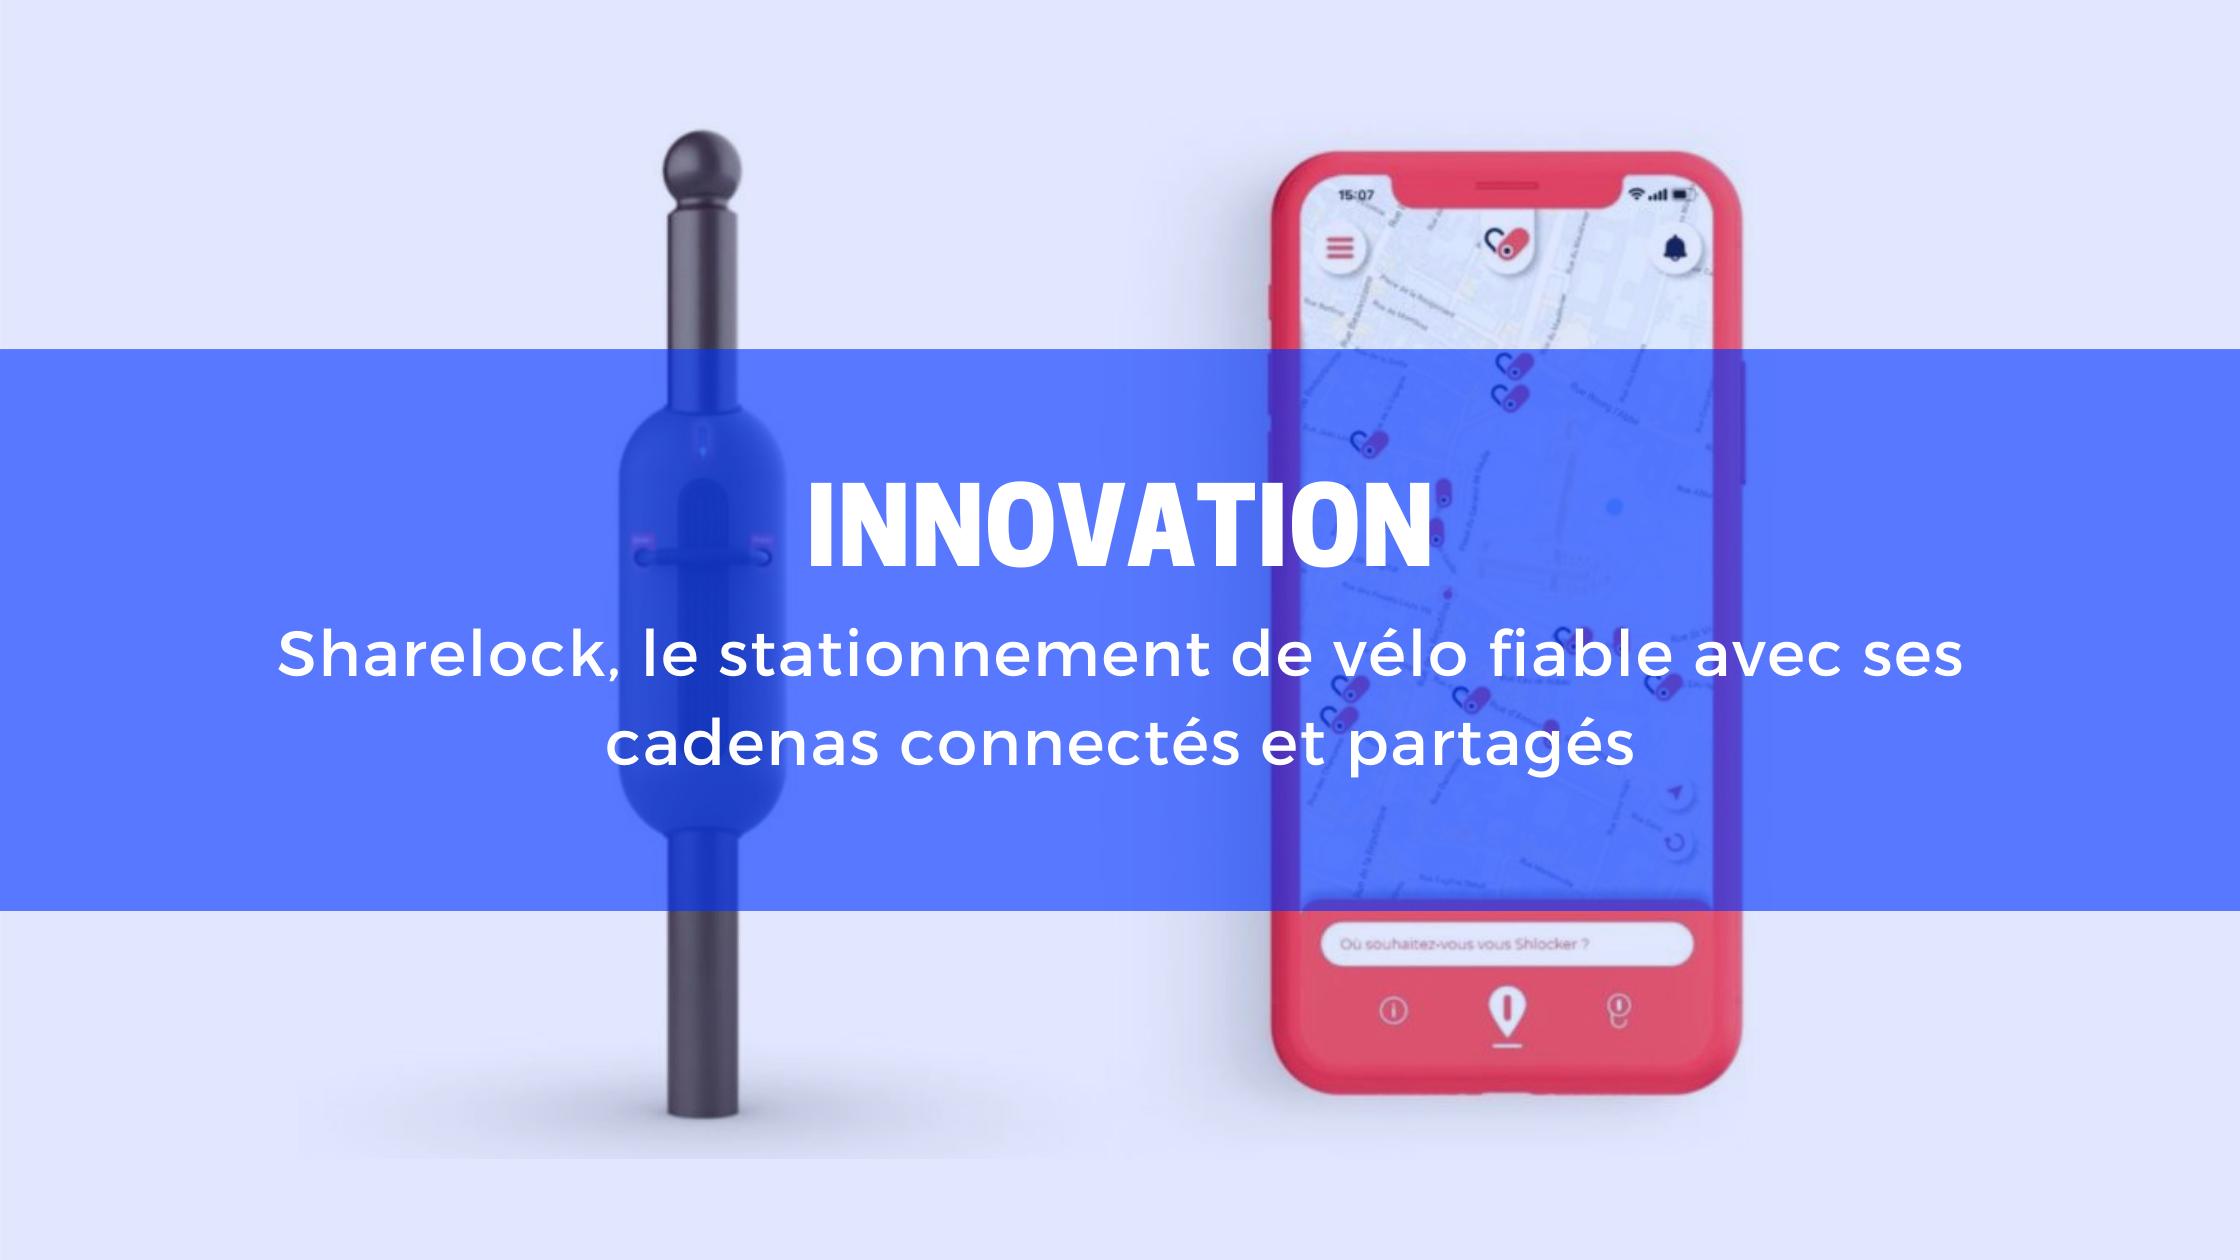 Innovation - Sharelock : le stationnement de vélo fiable avec ses cadenas connectés et partagés